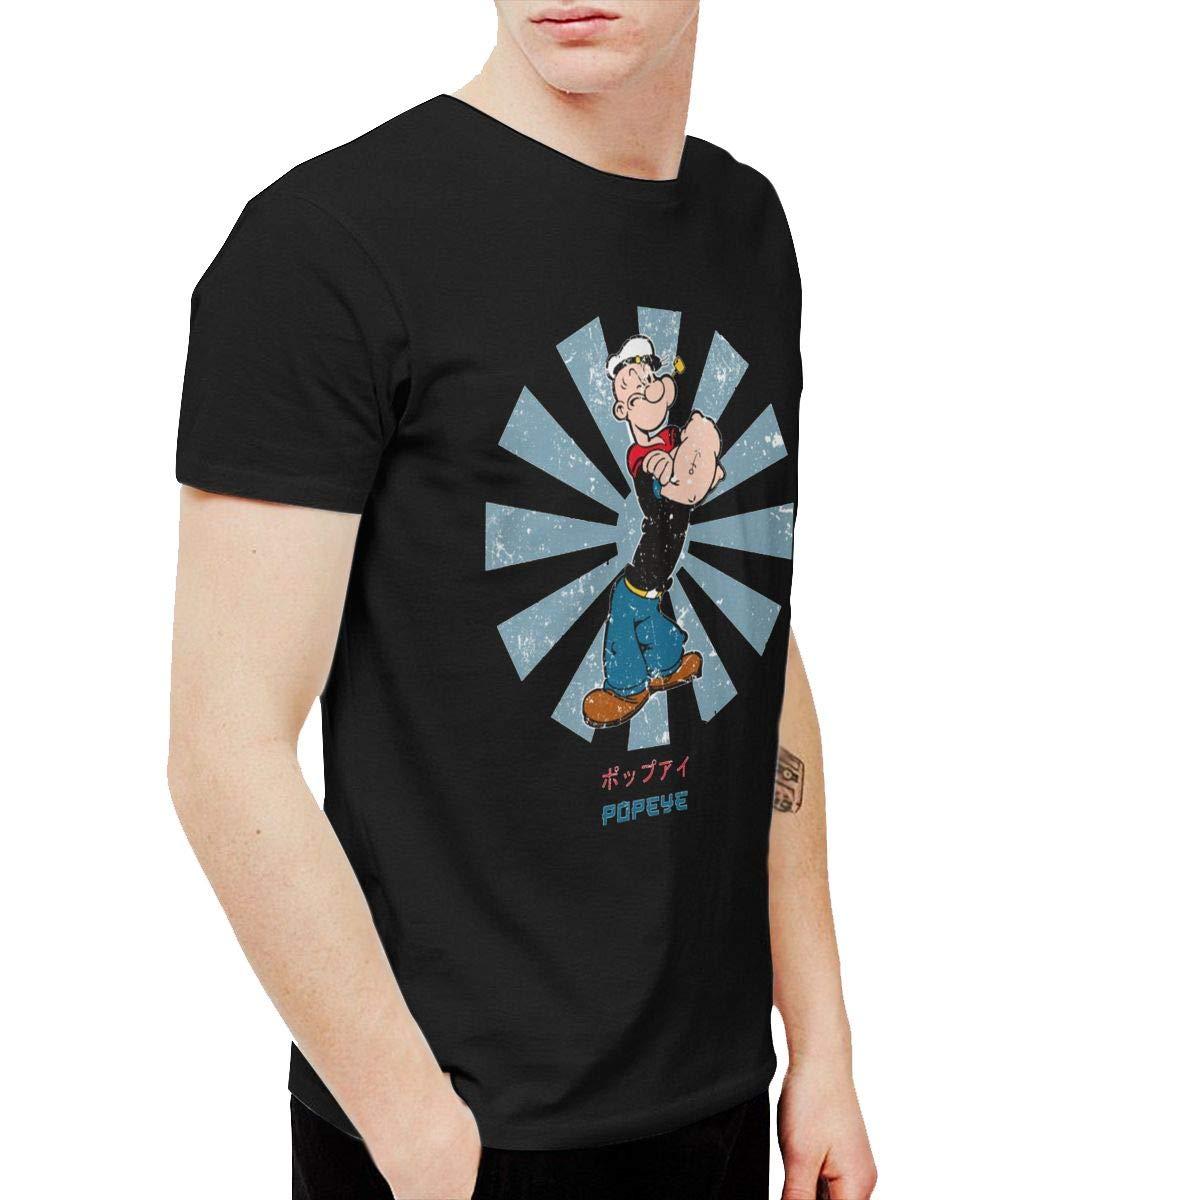 Kaddias Popeye Retro Japanese S Soft Short Sleeve T Shirt Black